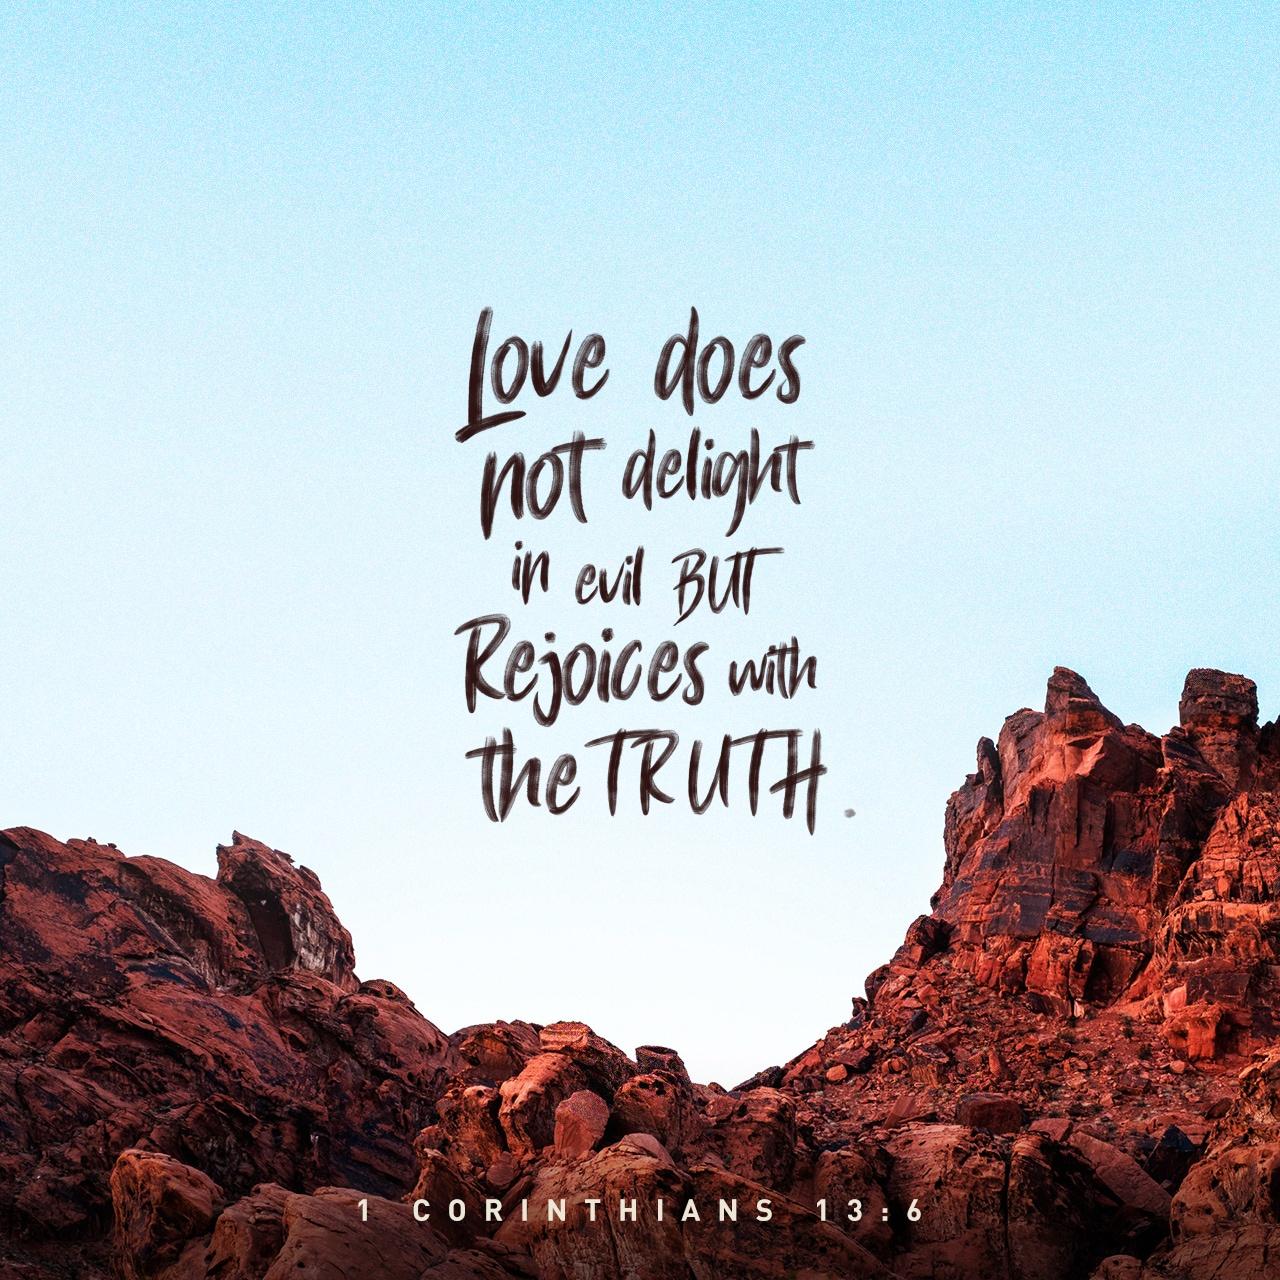 Black & White: Read - 1 Corinthians 13:6